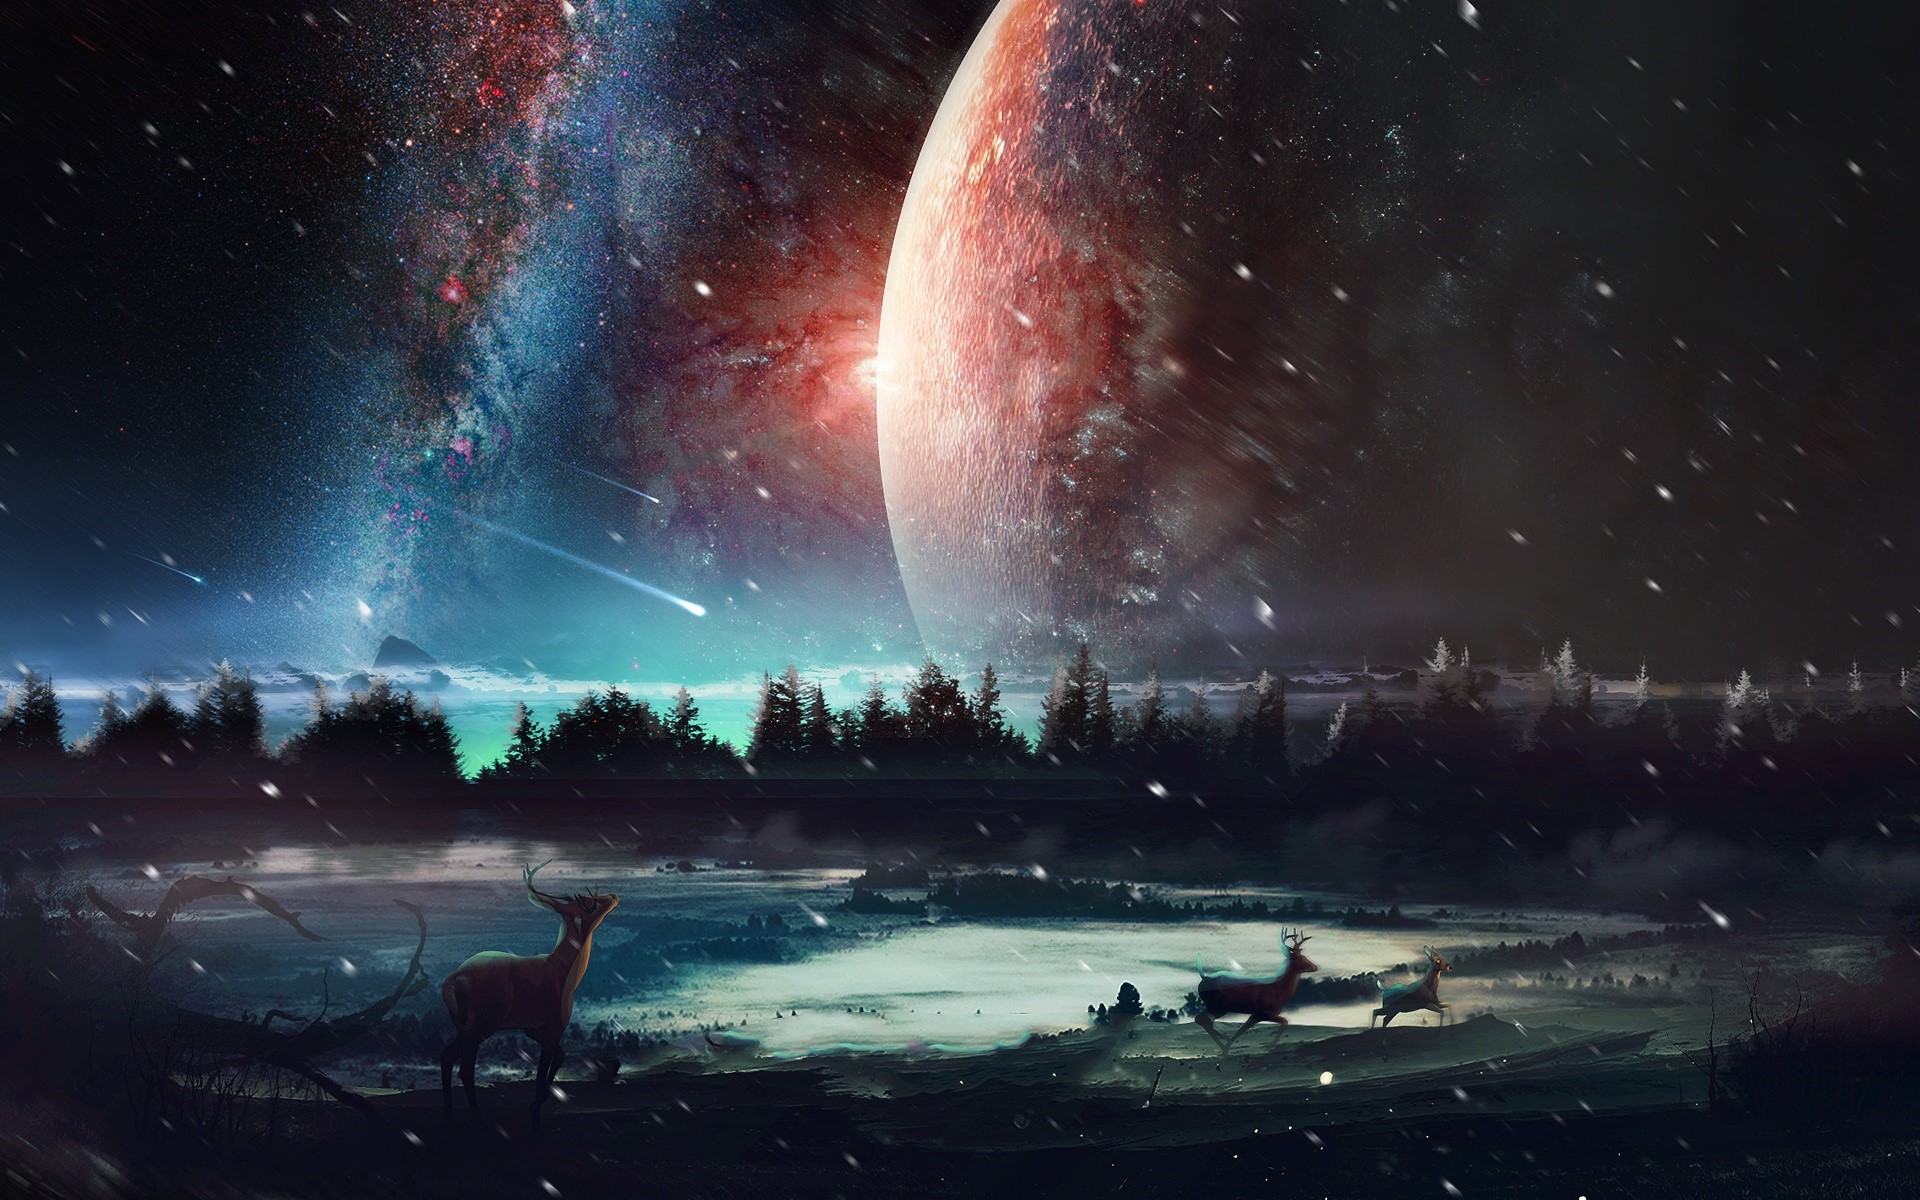 Fondo de pantalla de Paisaje del universo Imágenes